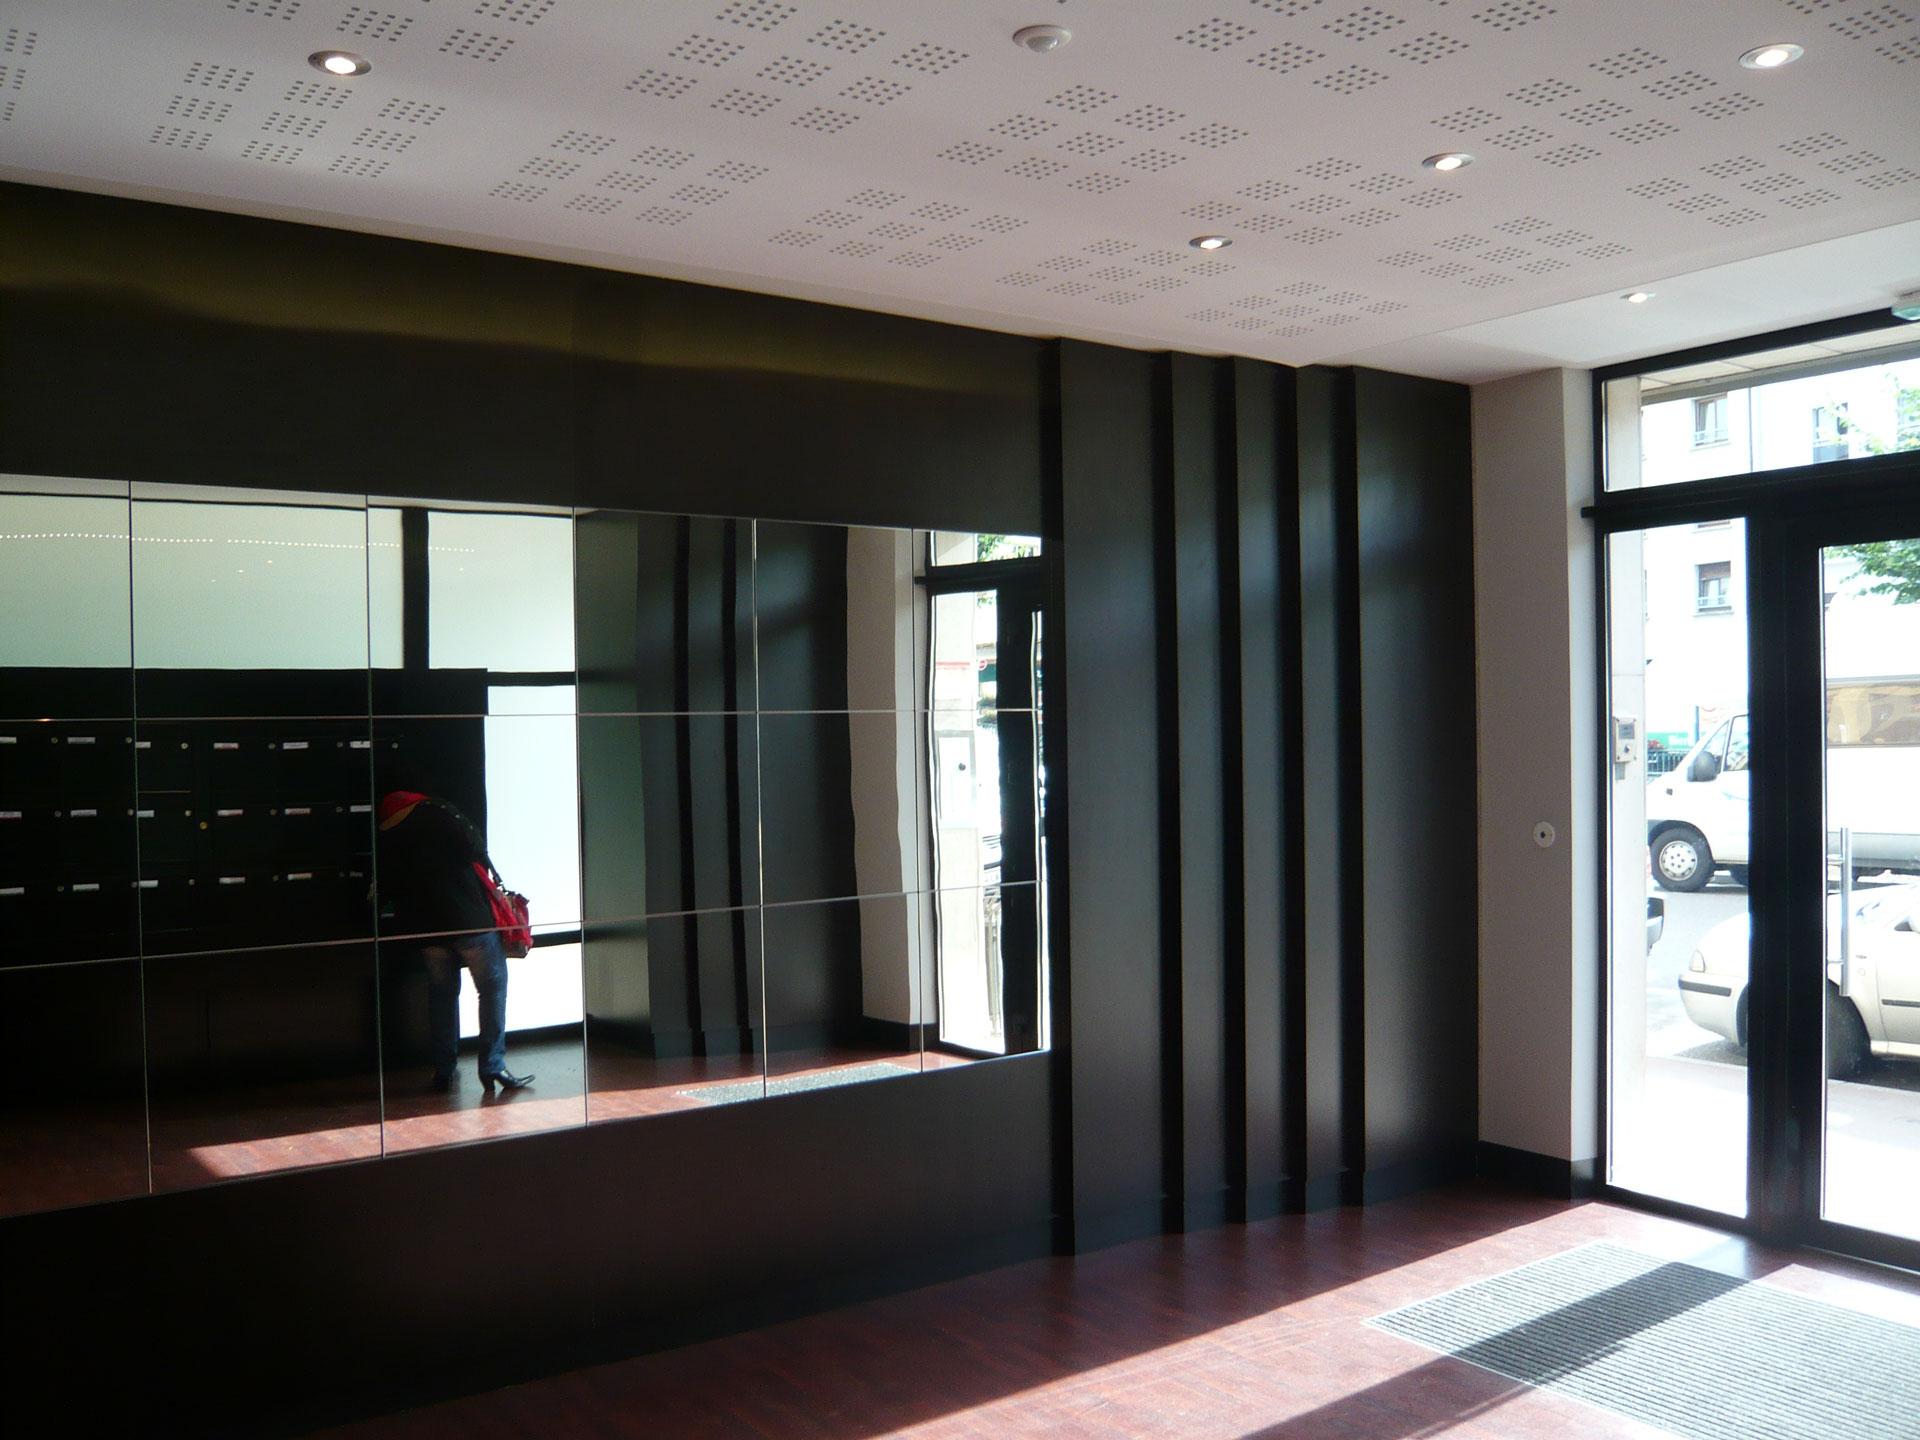 hall entr e 08 12. Black Bedroom Furniture Sets. Home Design Ideas